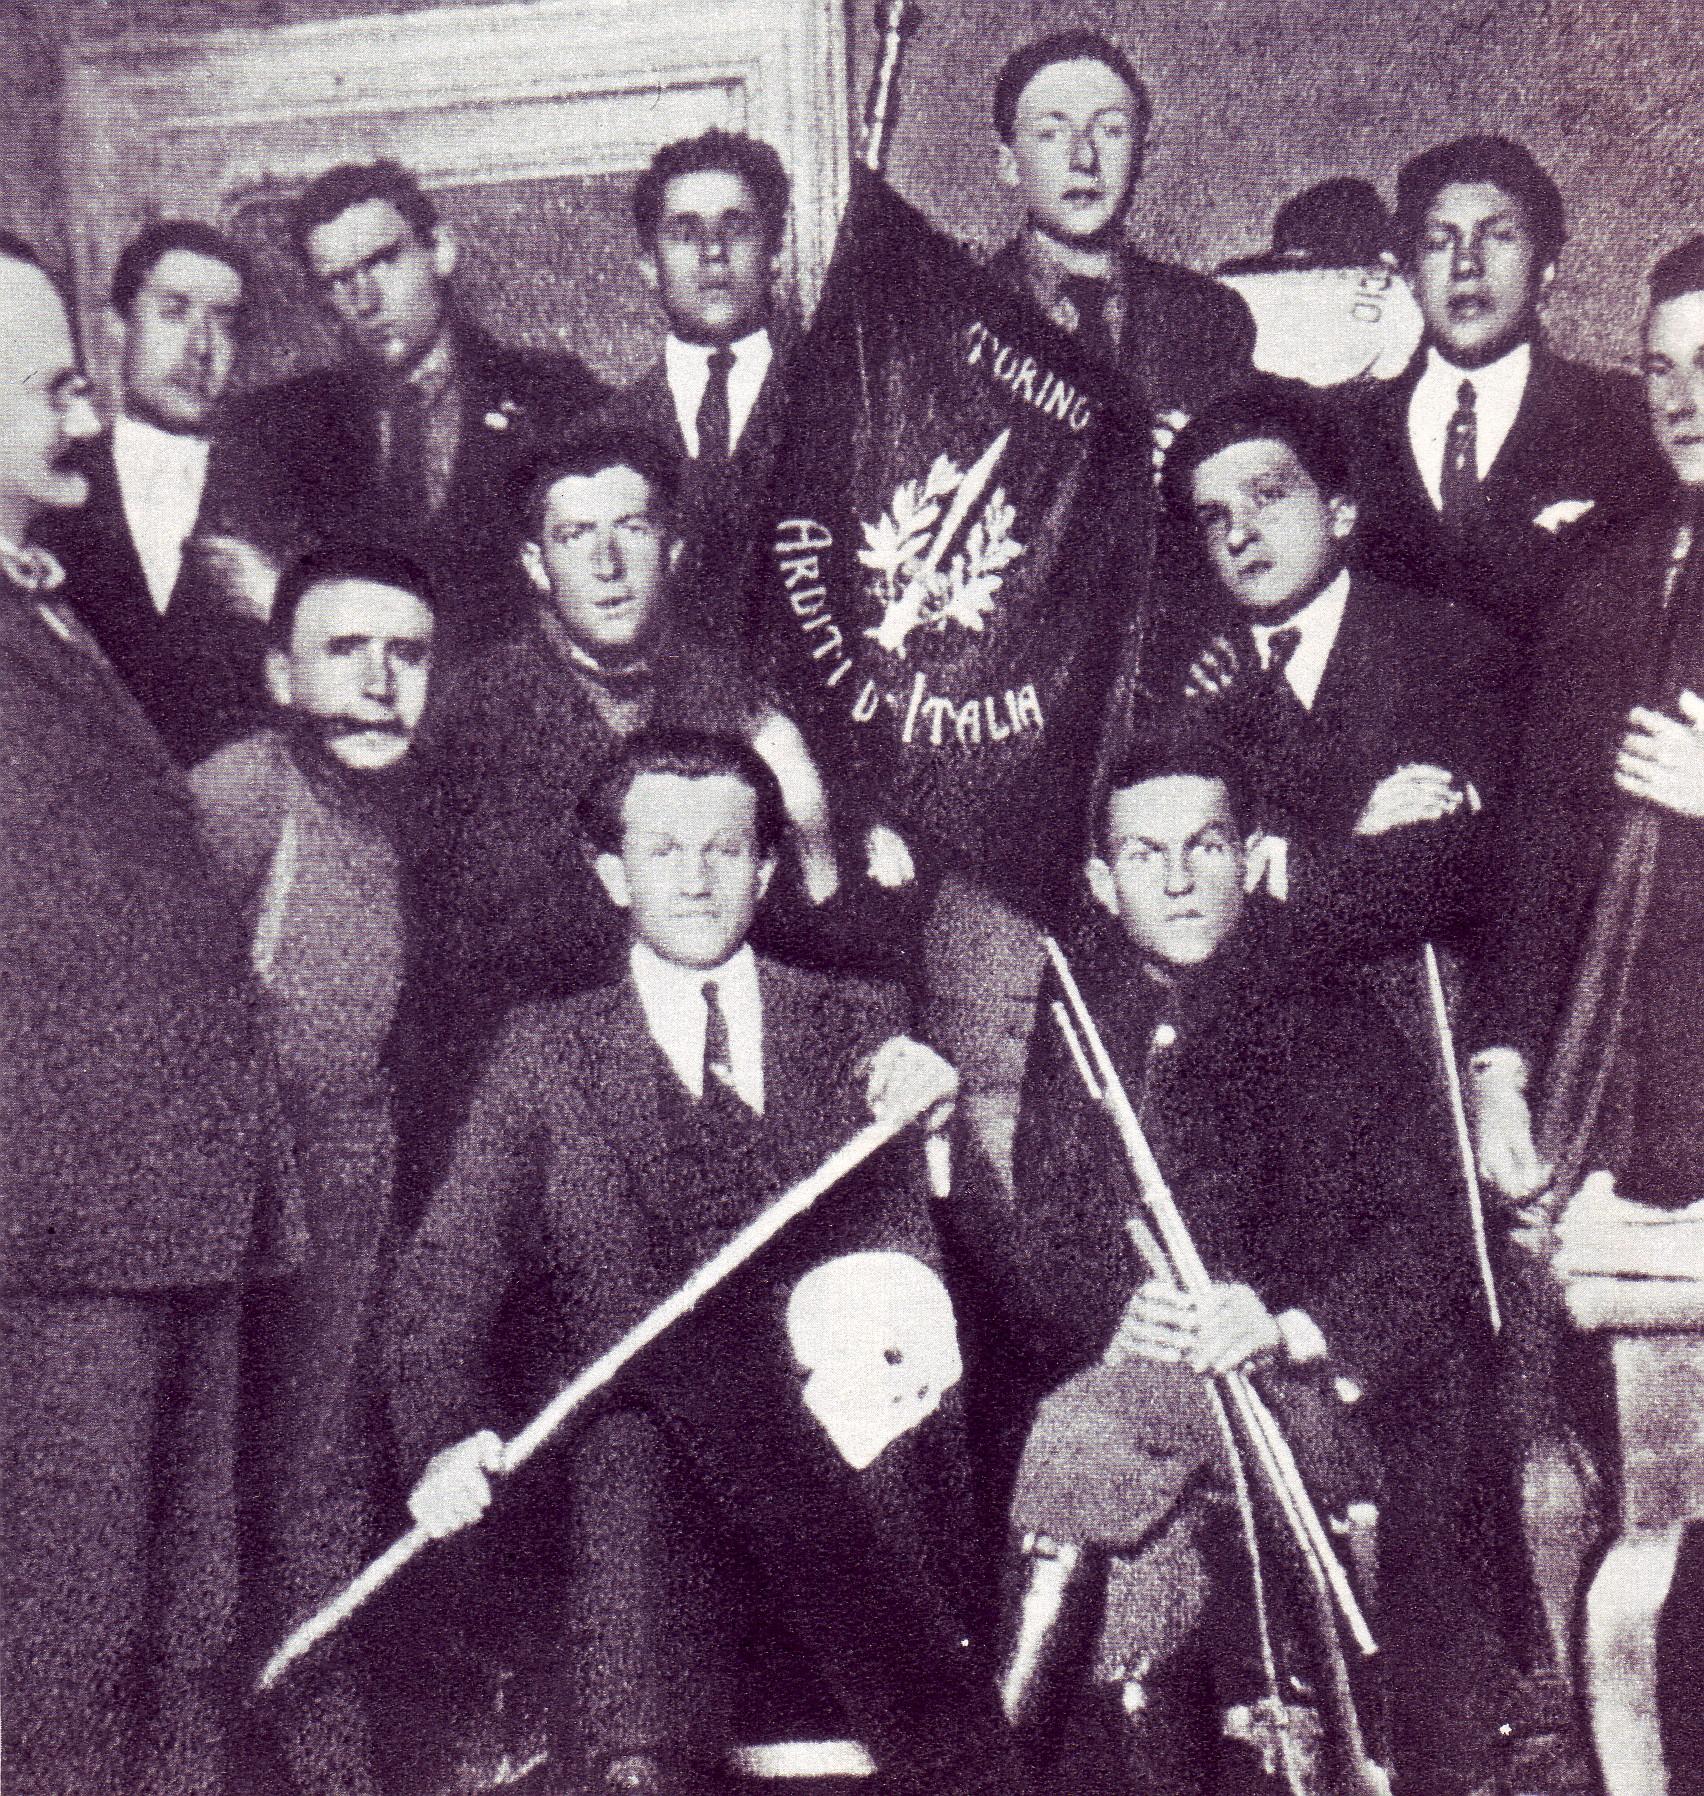 La volontà di rivincita: nascono i FdC, Torino 1919 (prima parte). A cura di Giacinto Reale